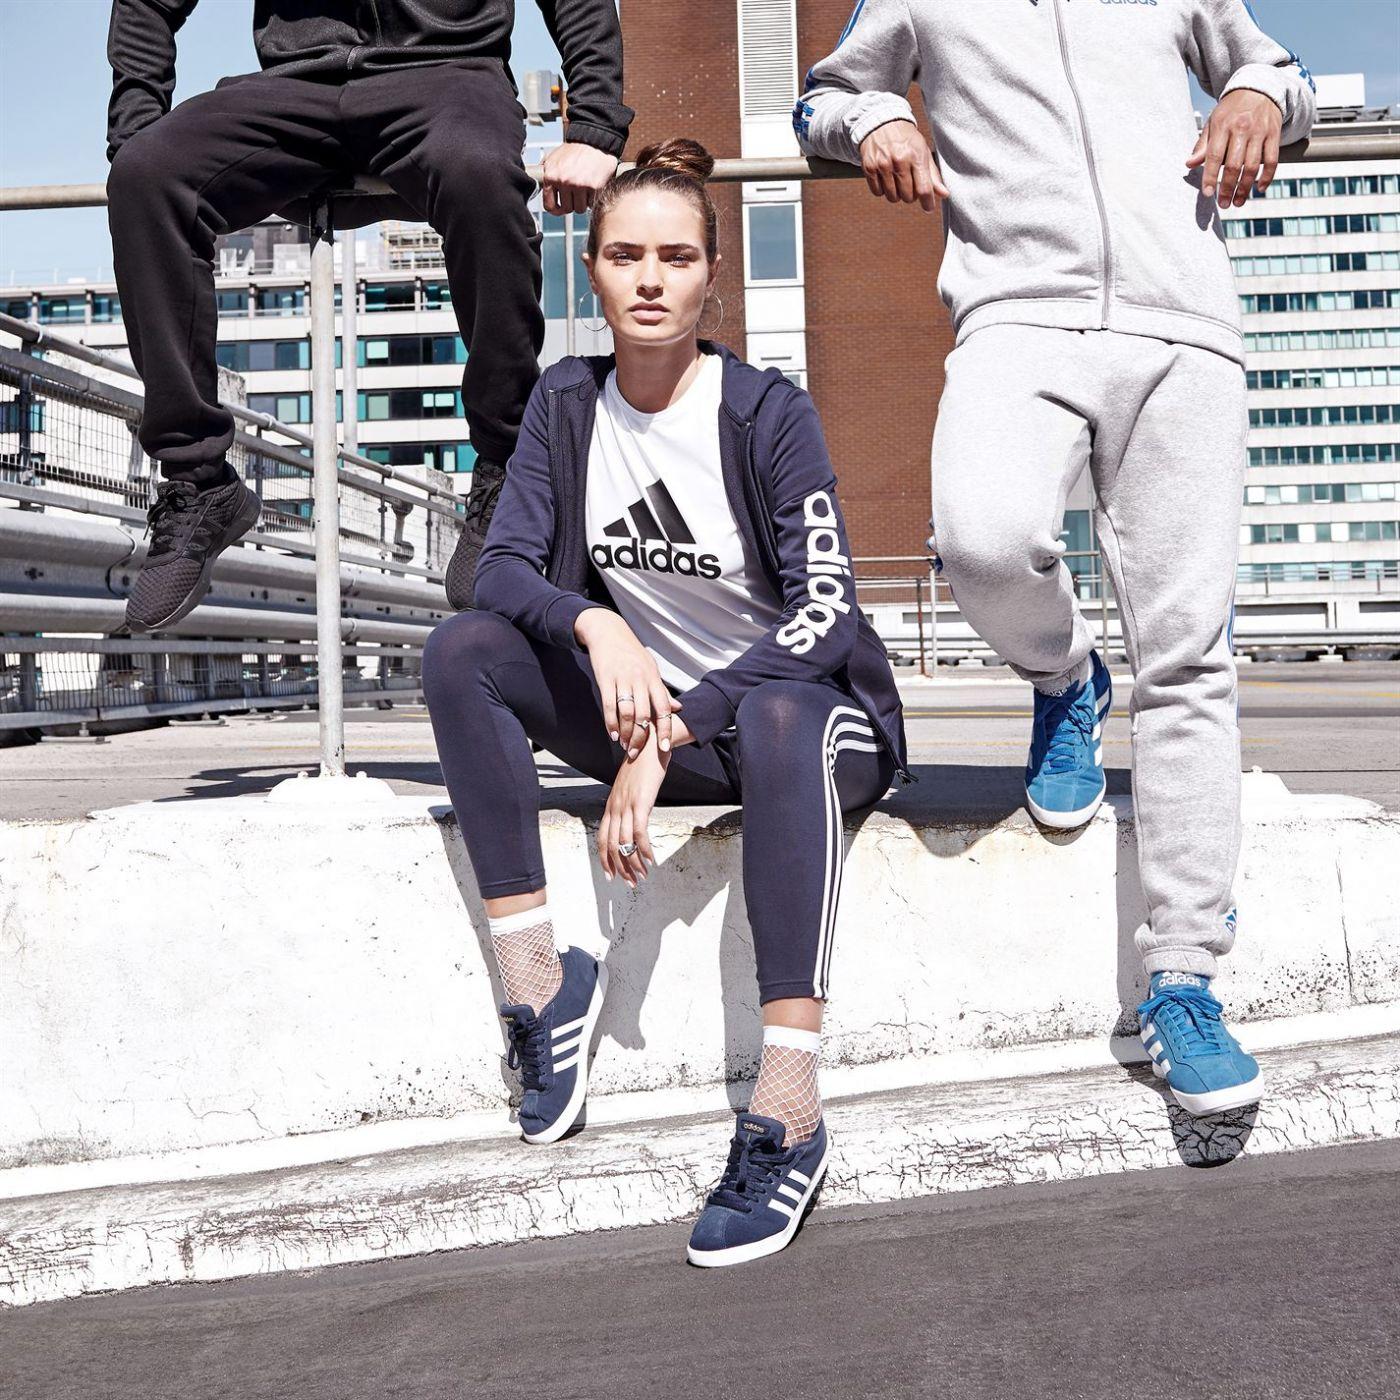 Adidas Full Zip Hoody Ladies